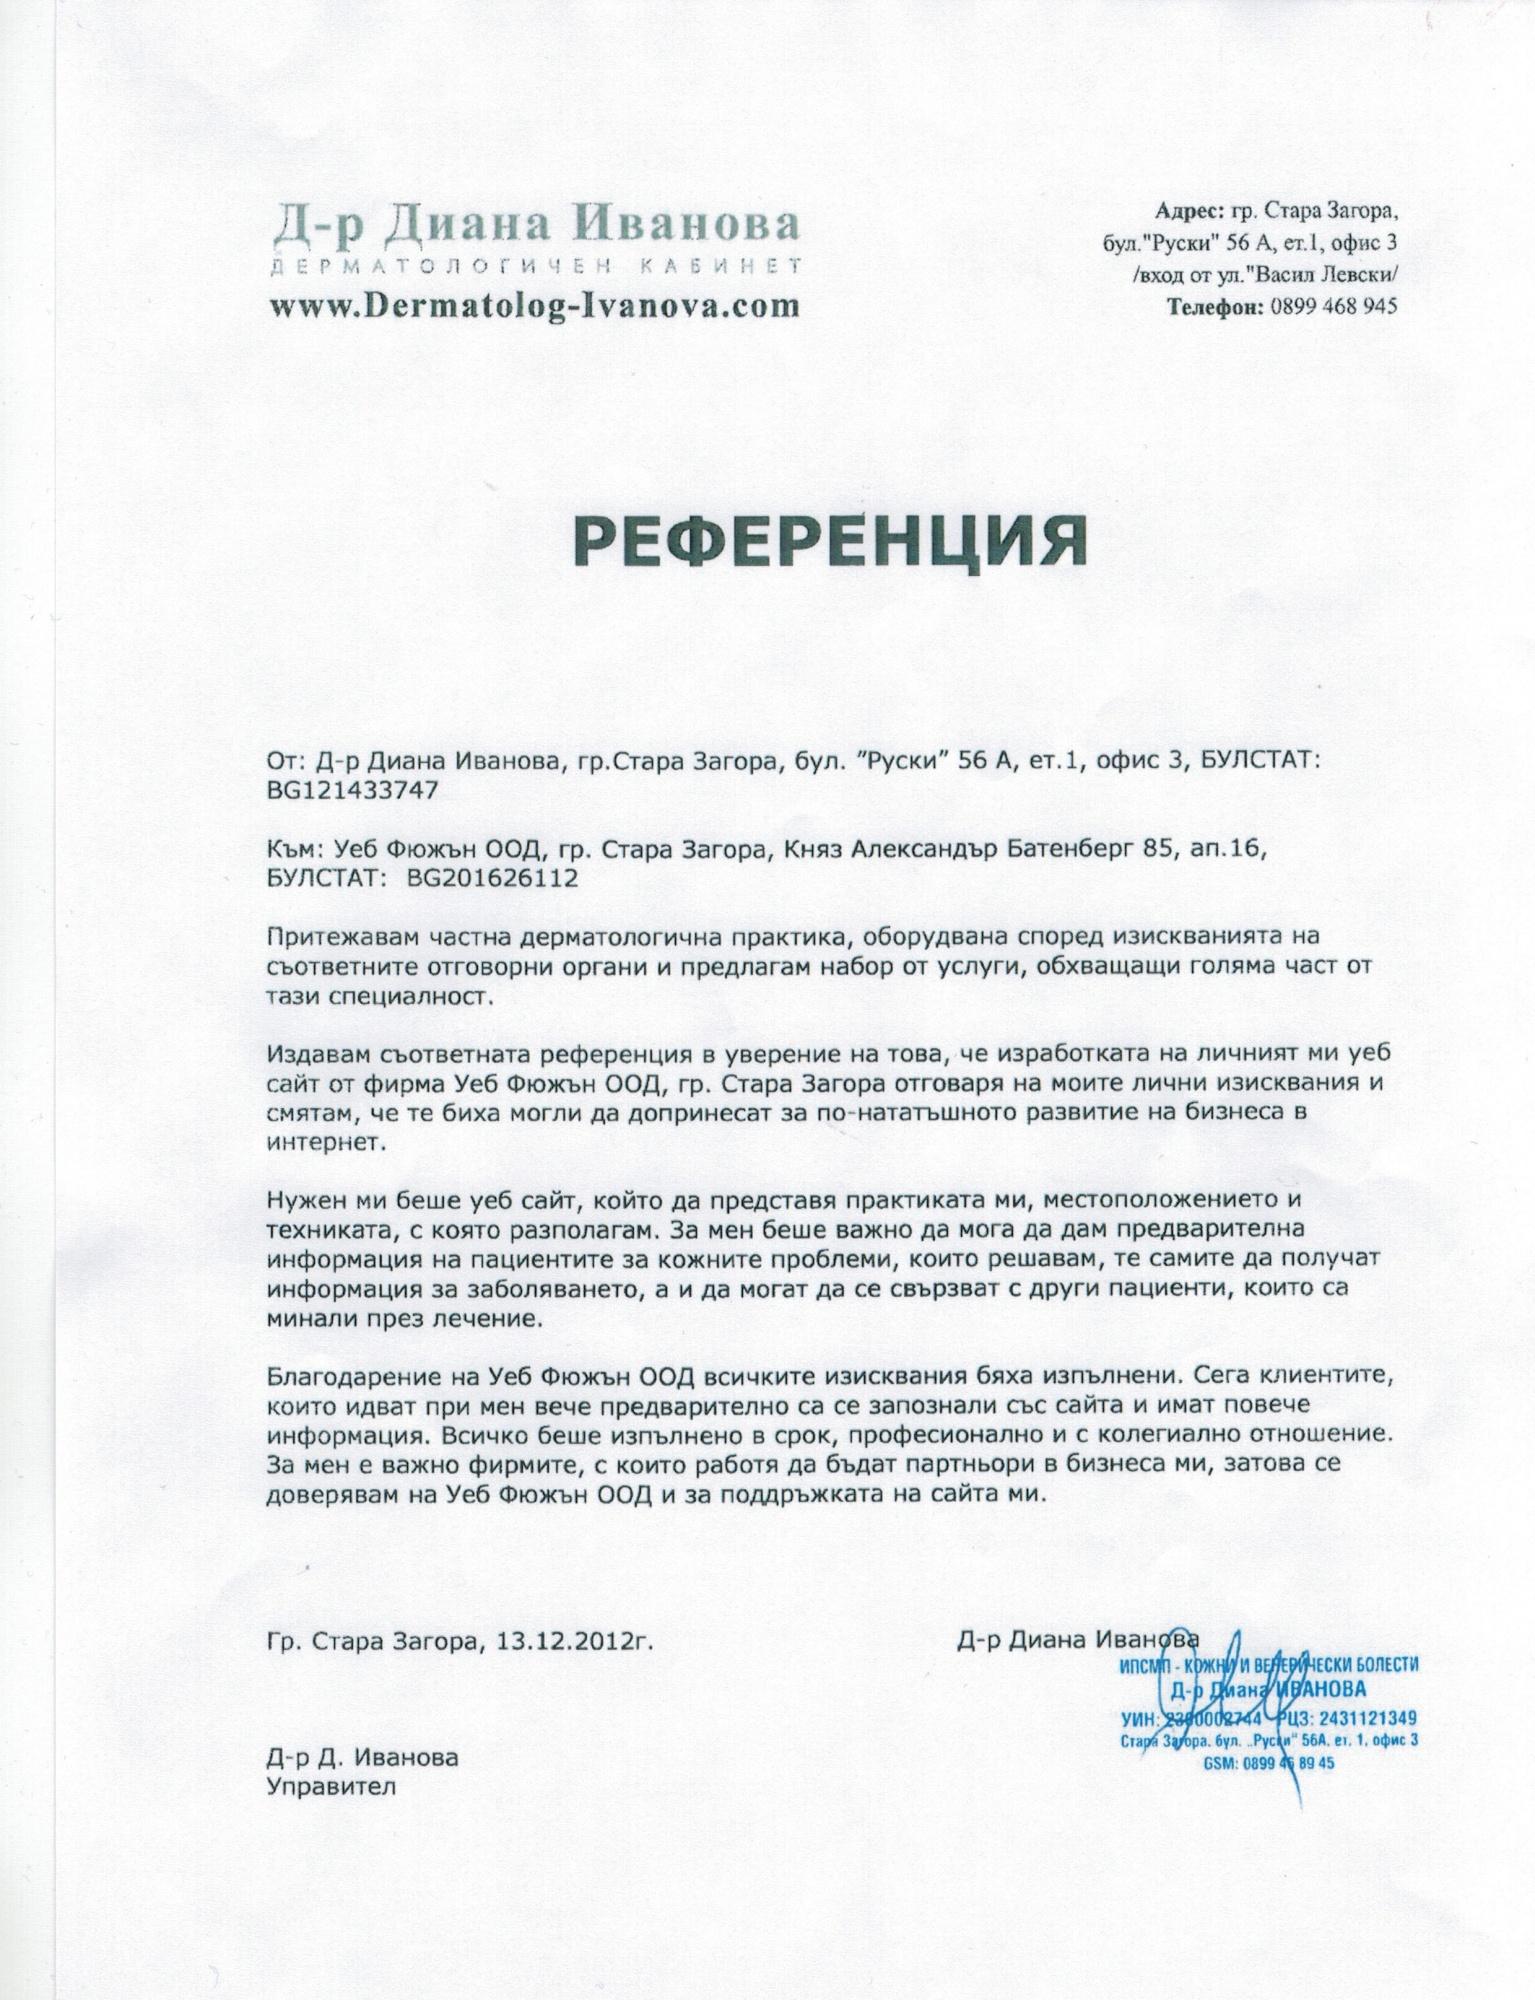 Dr. Diana Ivanova